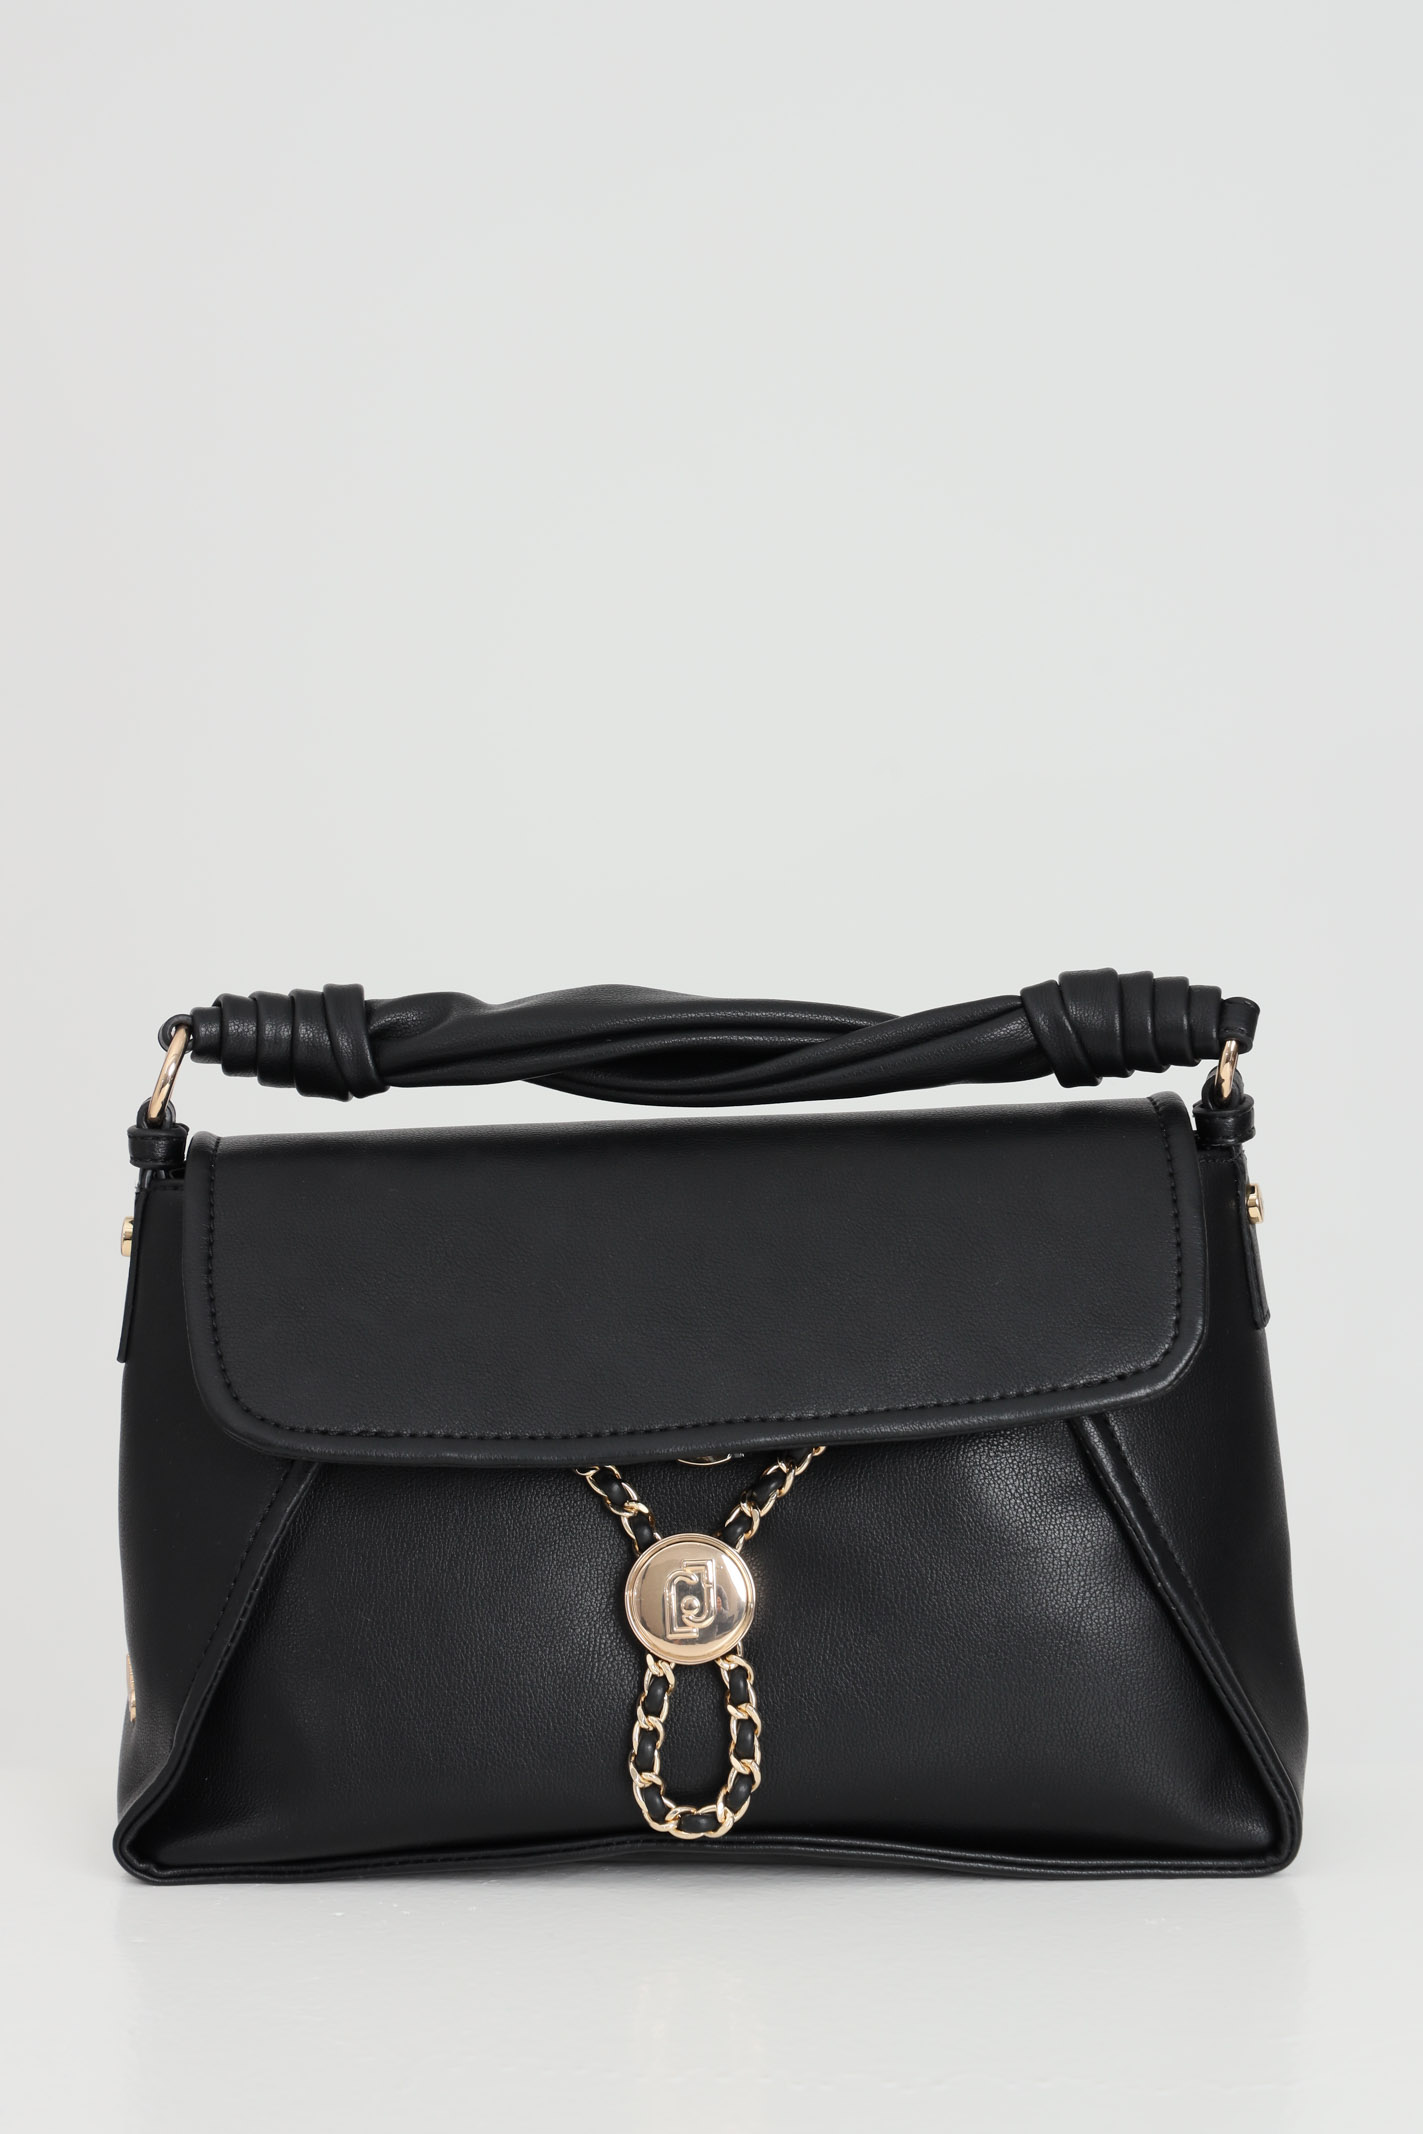 Image of Borsa donna nero liu jo shopper con logo Liu Jo metallico con catena, chiusura con patta e meccanismo metallico a scatto